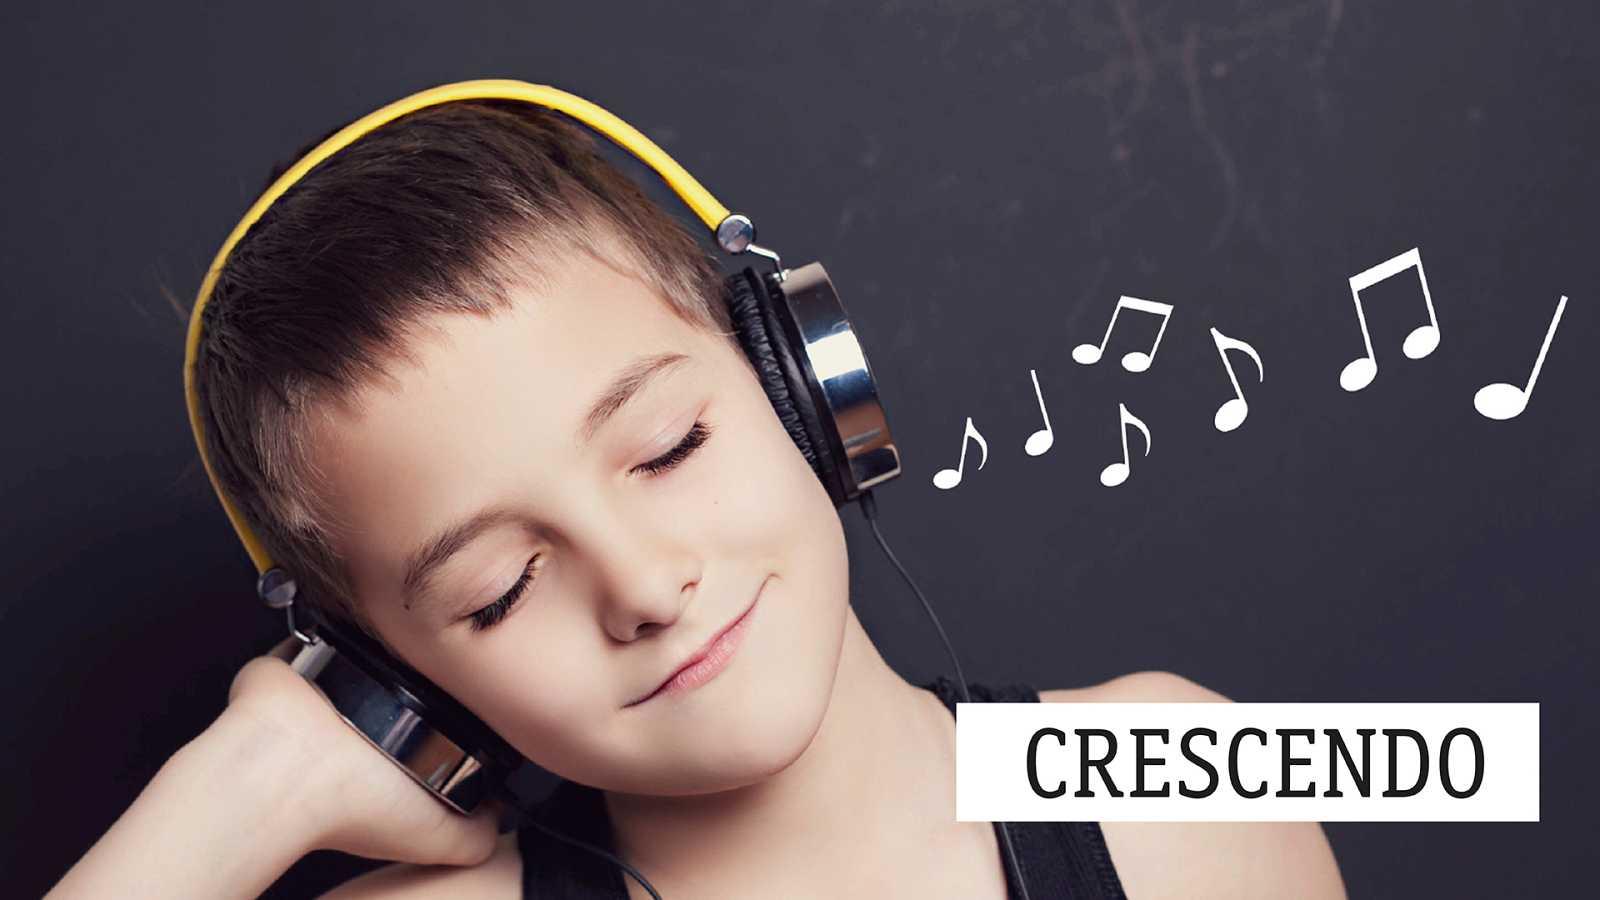 Crescendo - Verano con música y poesía - 20/06/20 - escuchar ahora